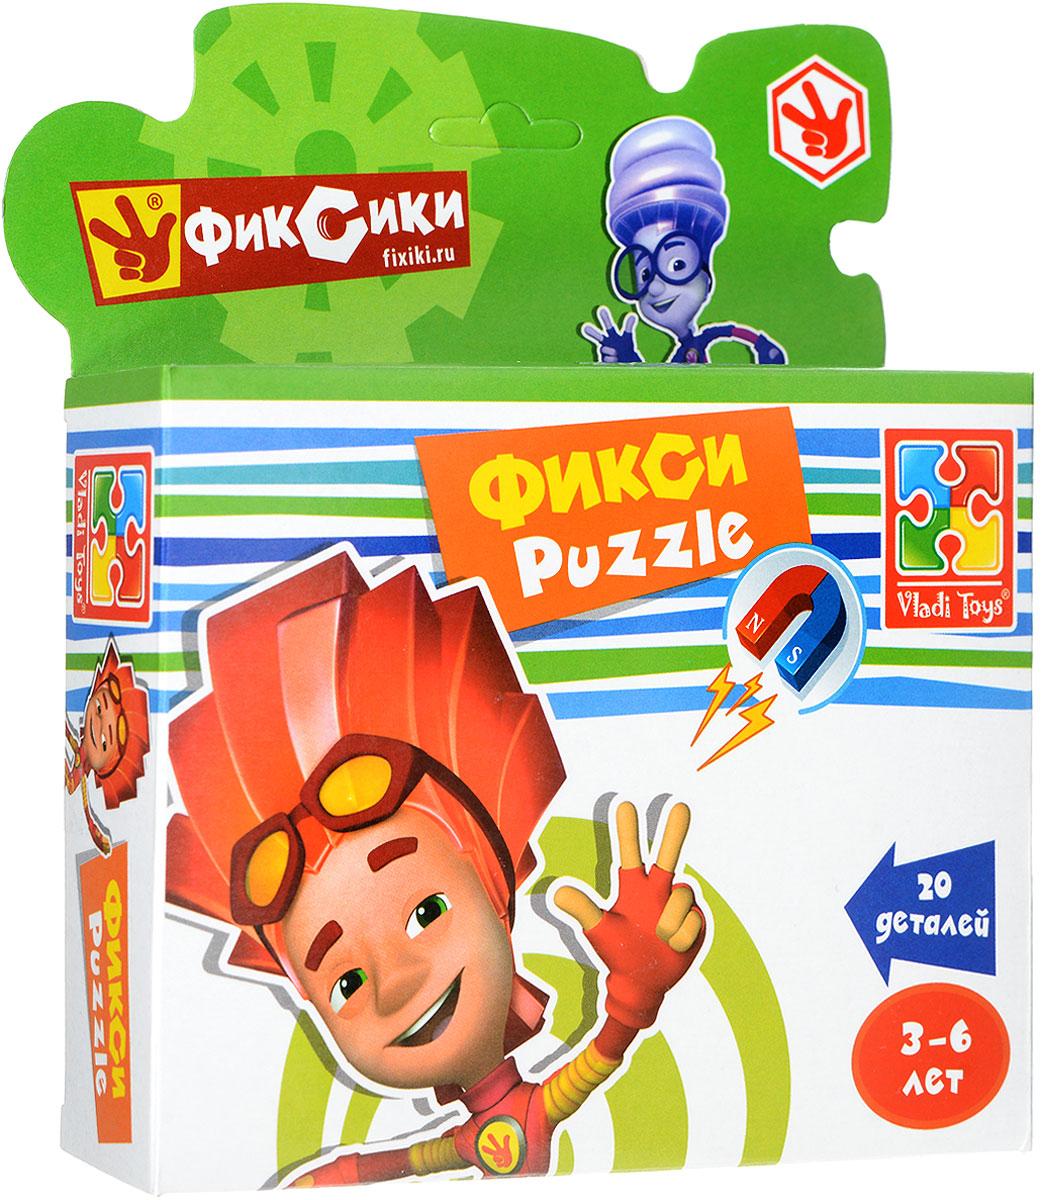 Vladi Toys Пазл для малышей Фиксики ФайерVT1504-27Пазл для малышей Vladi Toys Фиксики. Файер придется по душе вашему малышу. Собрав этот пазл, состоящий из 20 элементов, вы получите картинку с изображением героя всем известного мультфильма Фиксики. Пазл можно собирать на любой вертикальной магнитной поверхности. Пазл - великолепная игра для семейного досуга. Сегодня собирание пазлов стало особенно популярным, главным образом, благодаря своей многообразной тематике, способной удовлетворить самый взыскательный вкус. Для детей это не только интересно, но и полезно. Собирание пазла развивает мелкую моторику ребенка, тренирует наблюдательность, логическое мышление, знакомит с окружающим миром, с цветом и разнообразными формами.